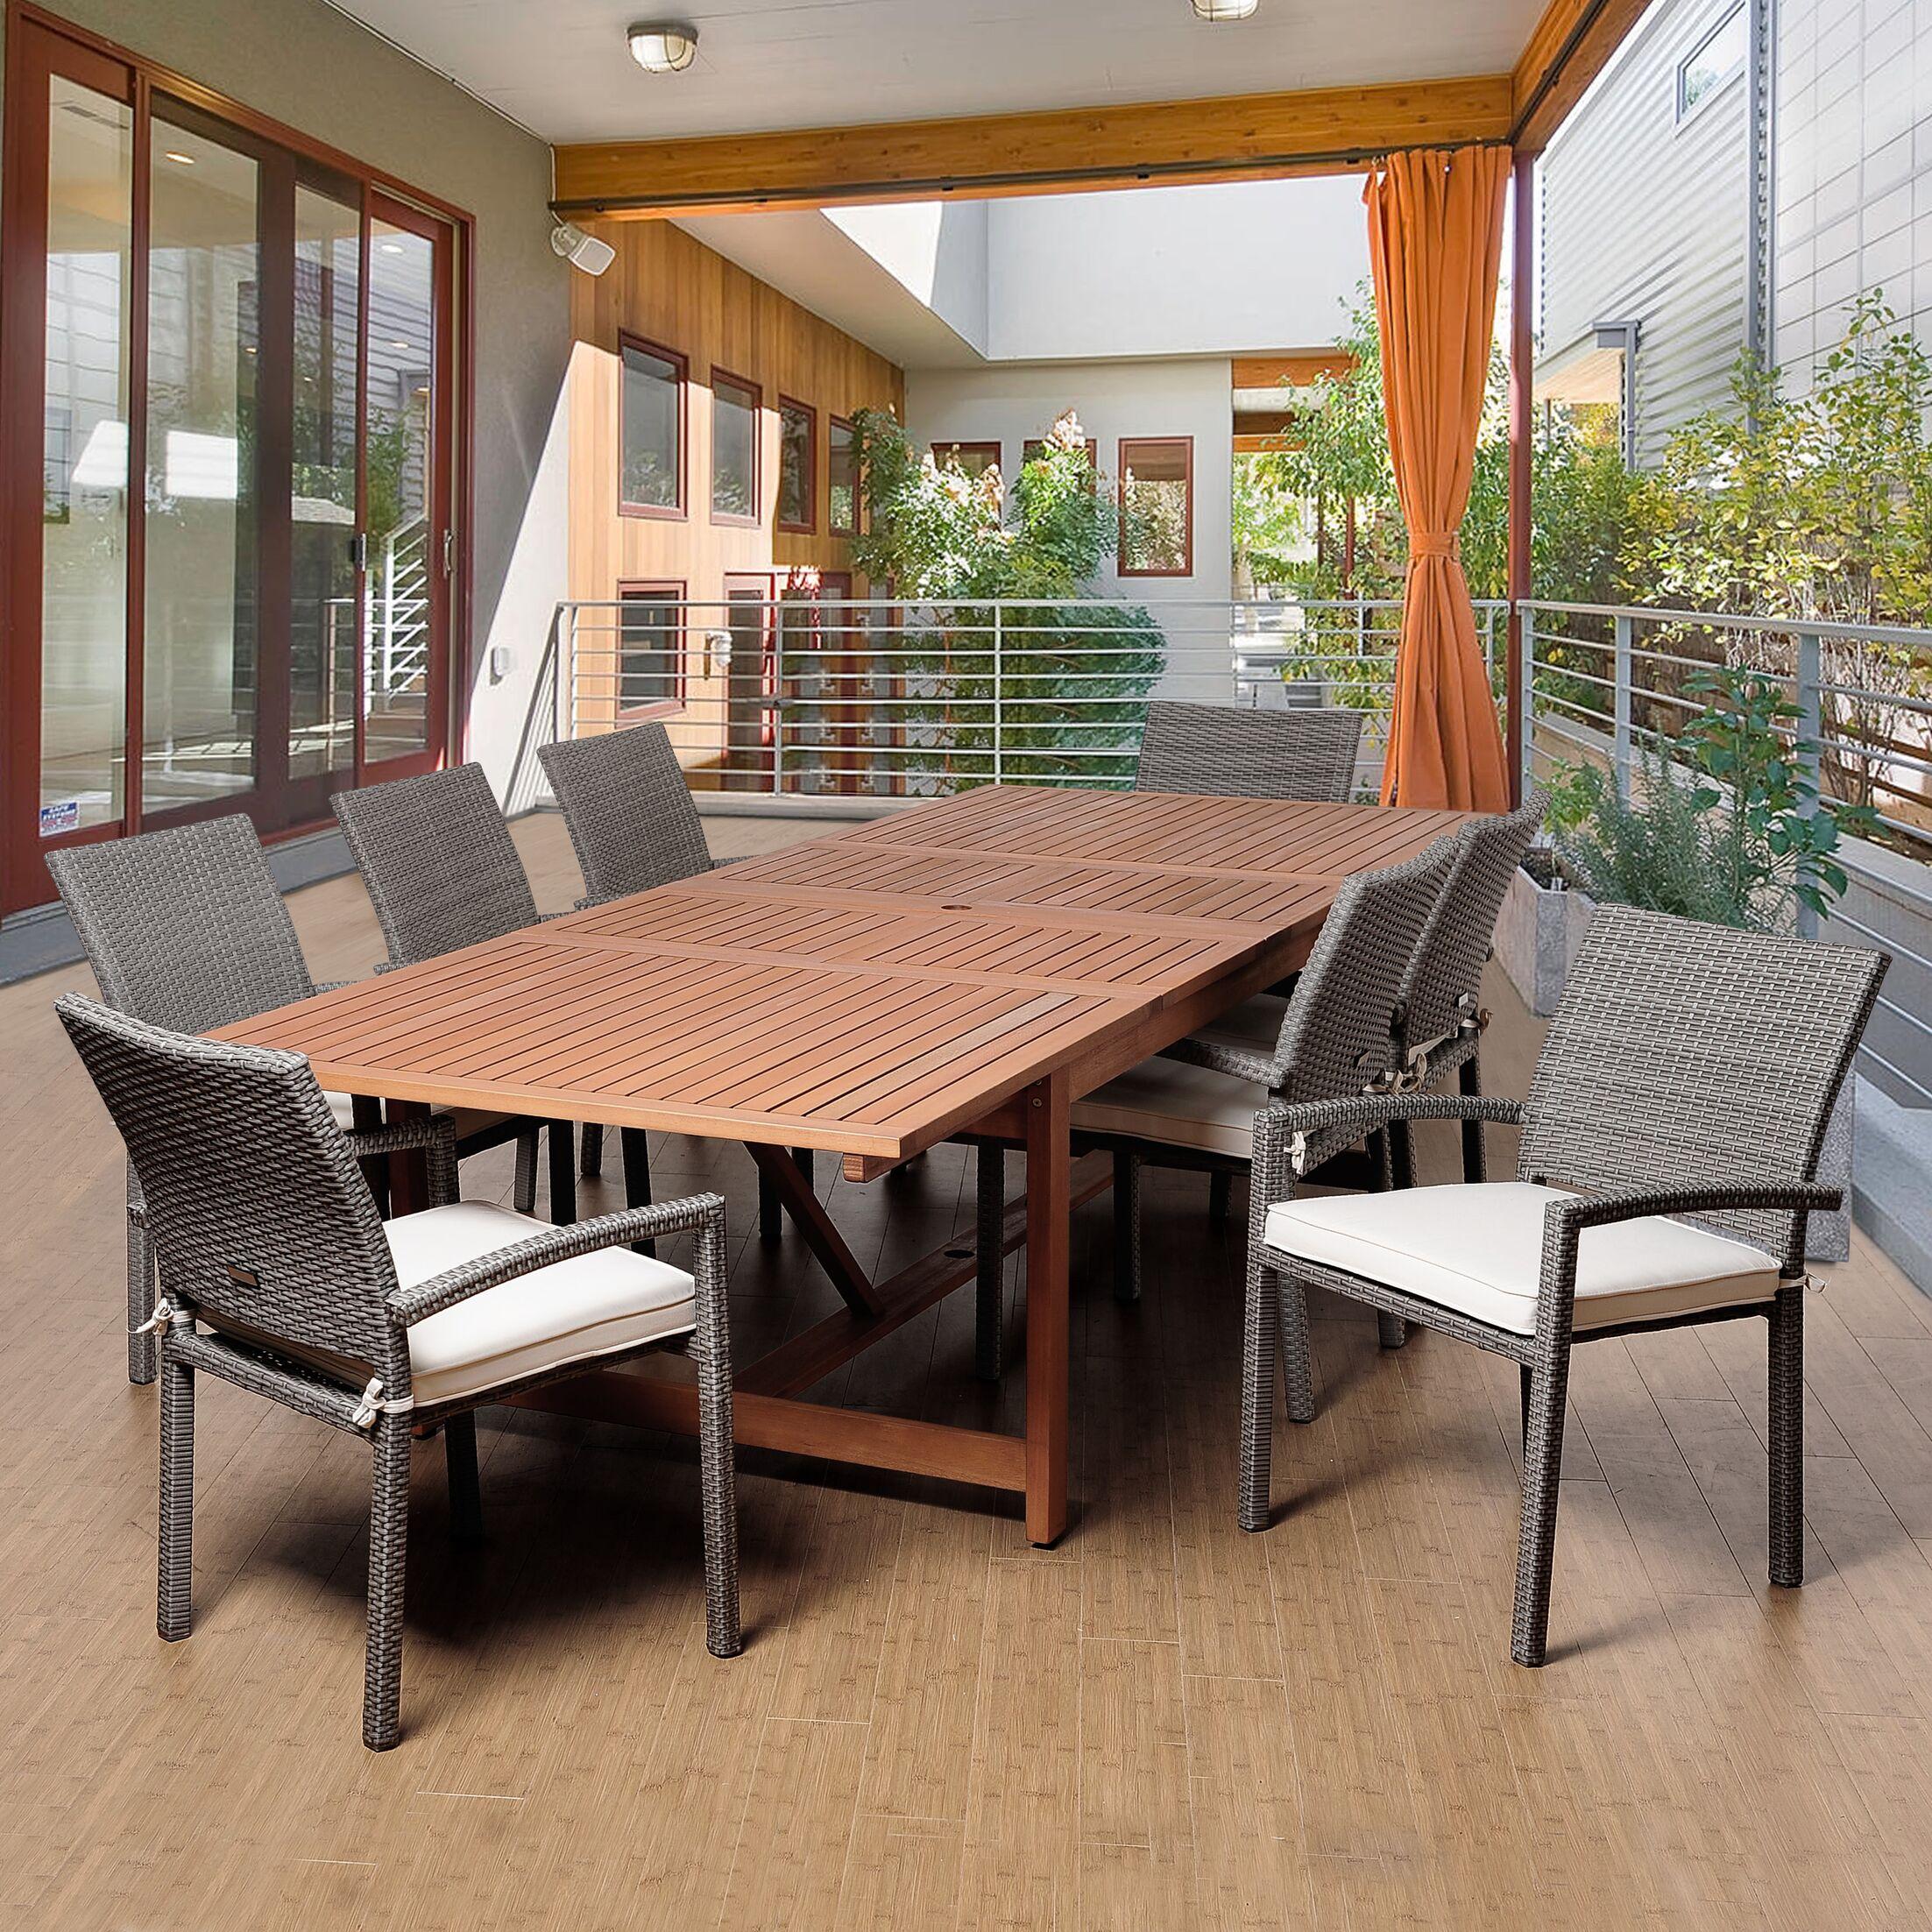 Bridgepointe Eucalyptus 9 Piece Dining Set